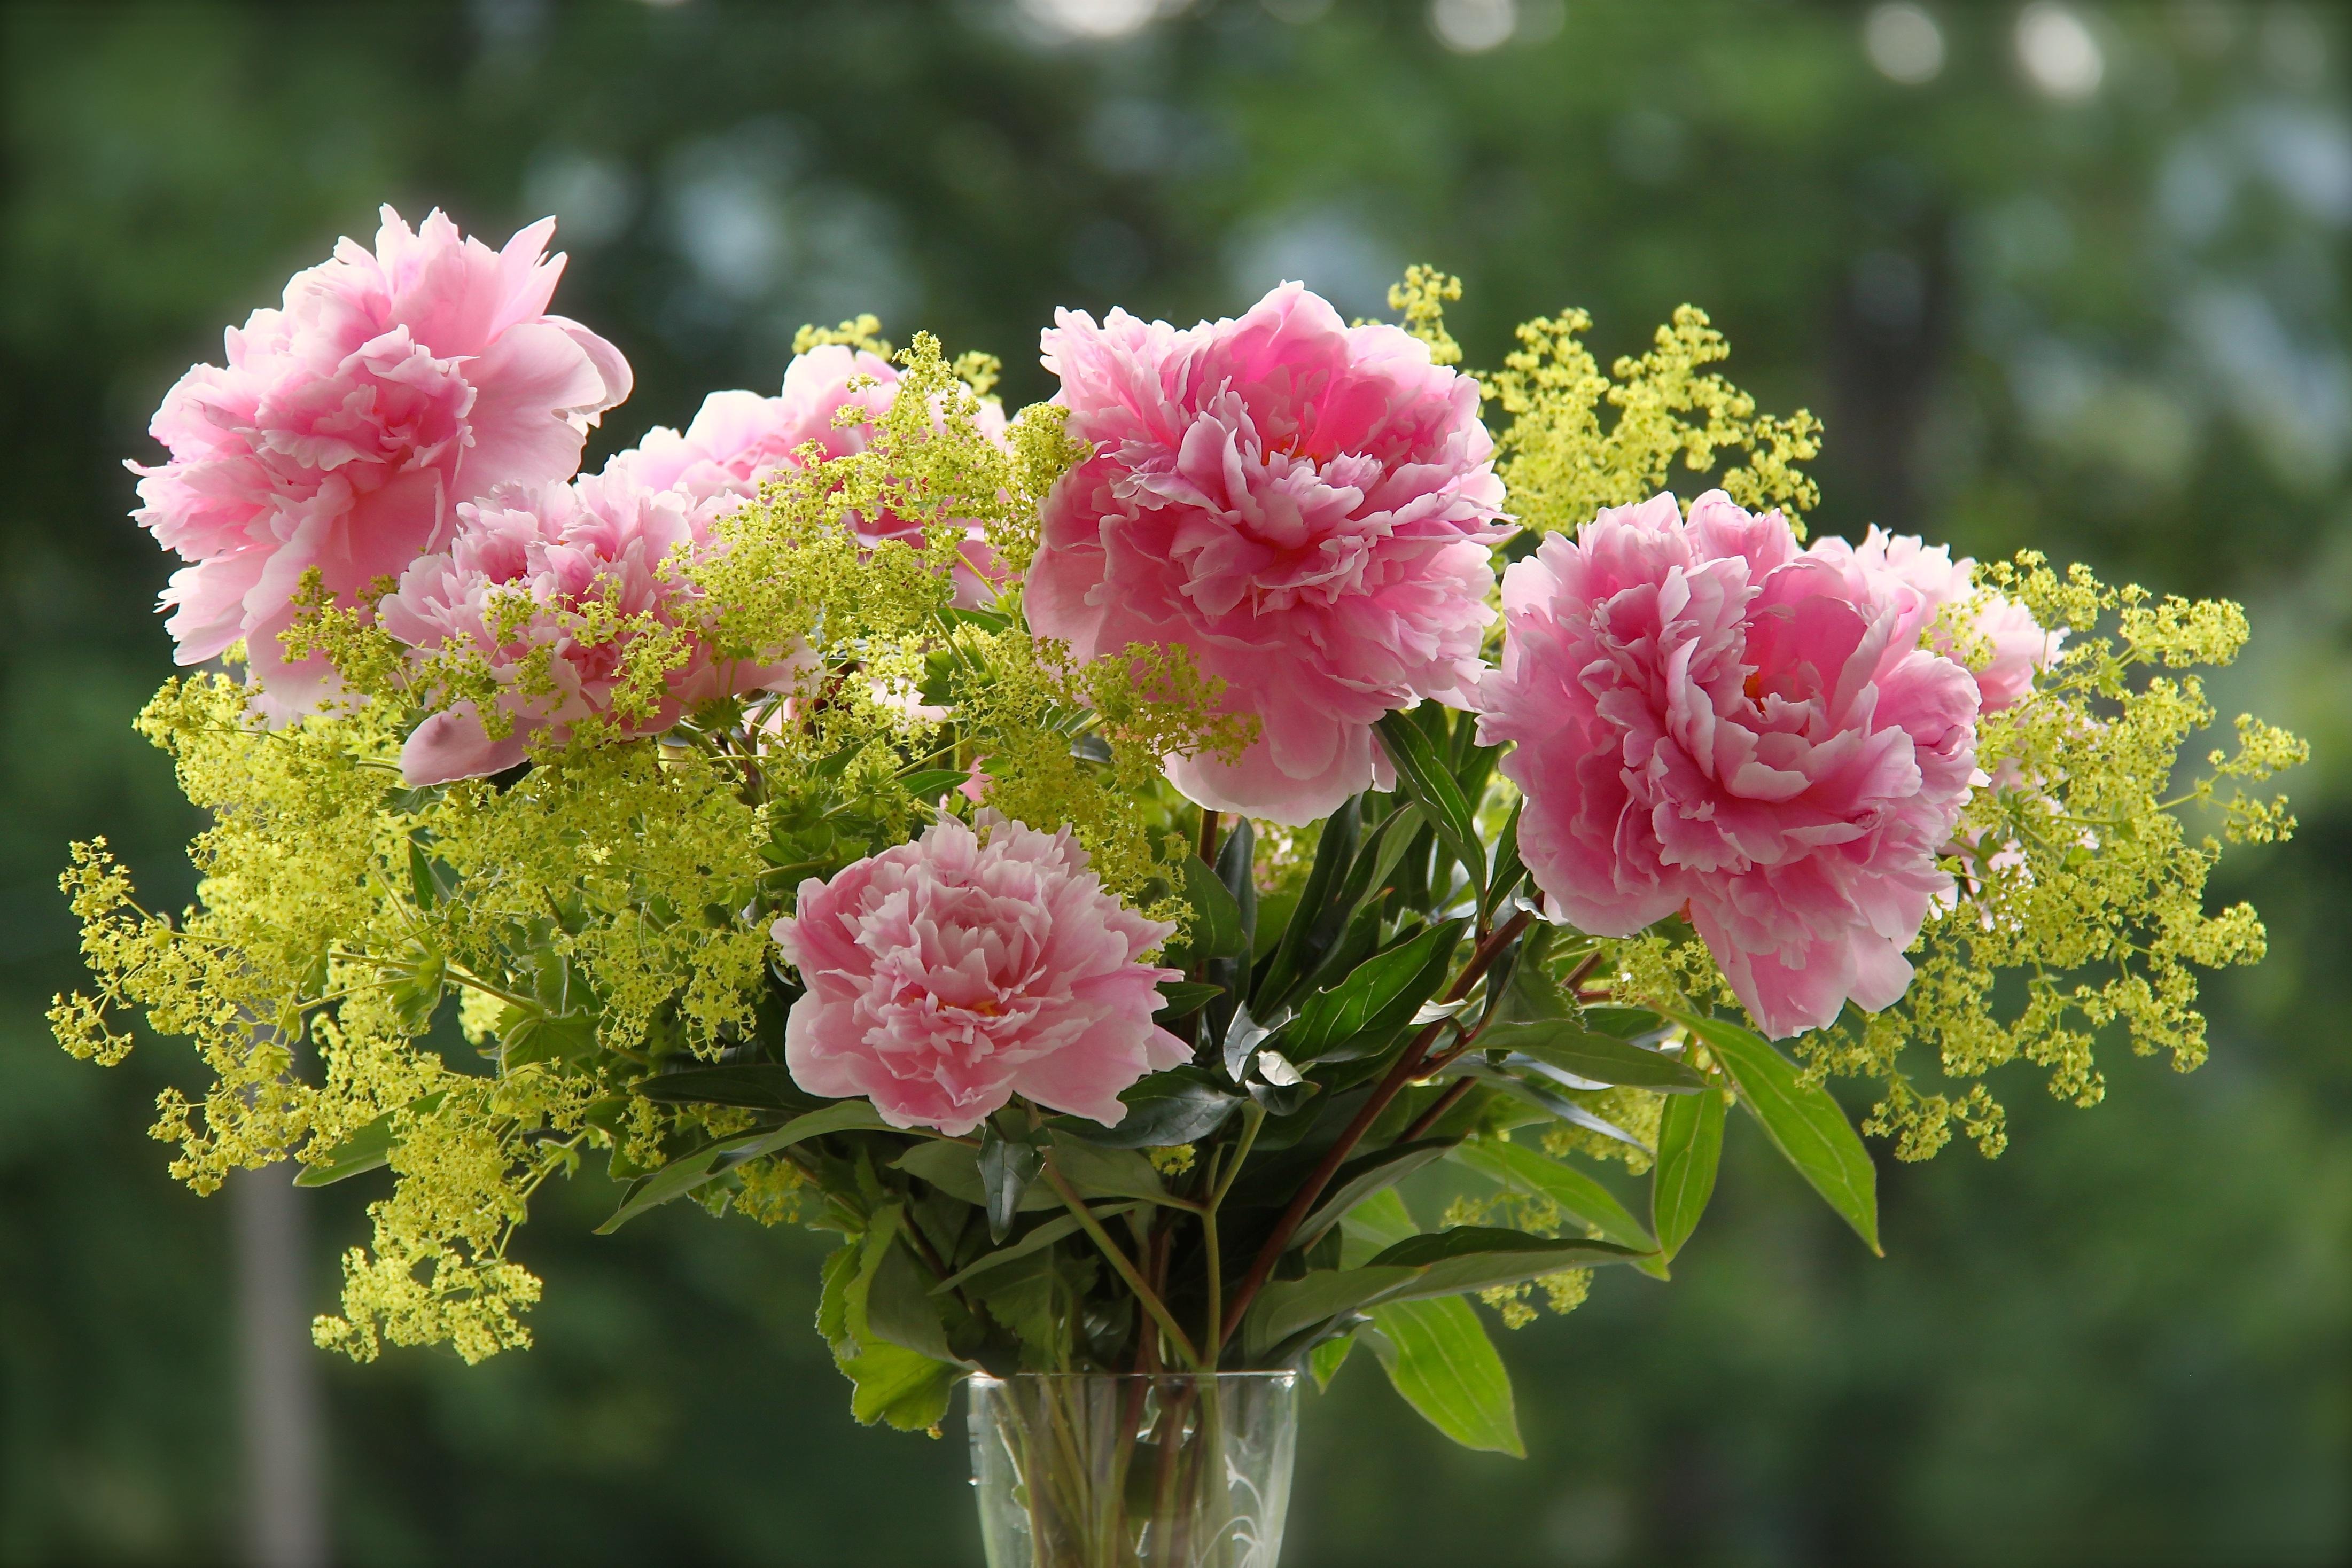 фото красивых цветов живых в природе это, пользоваться